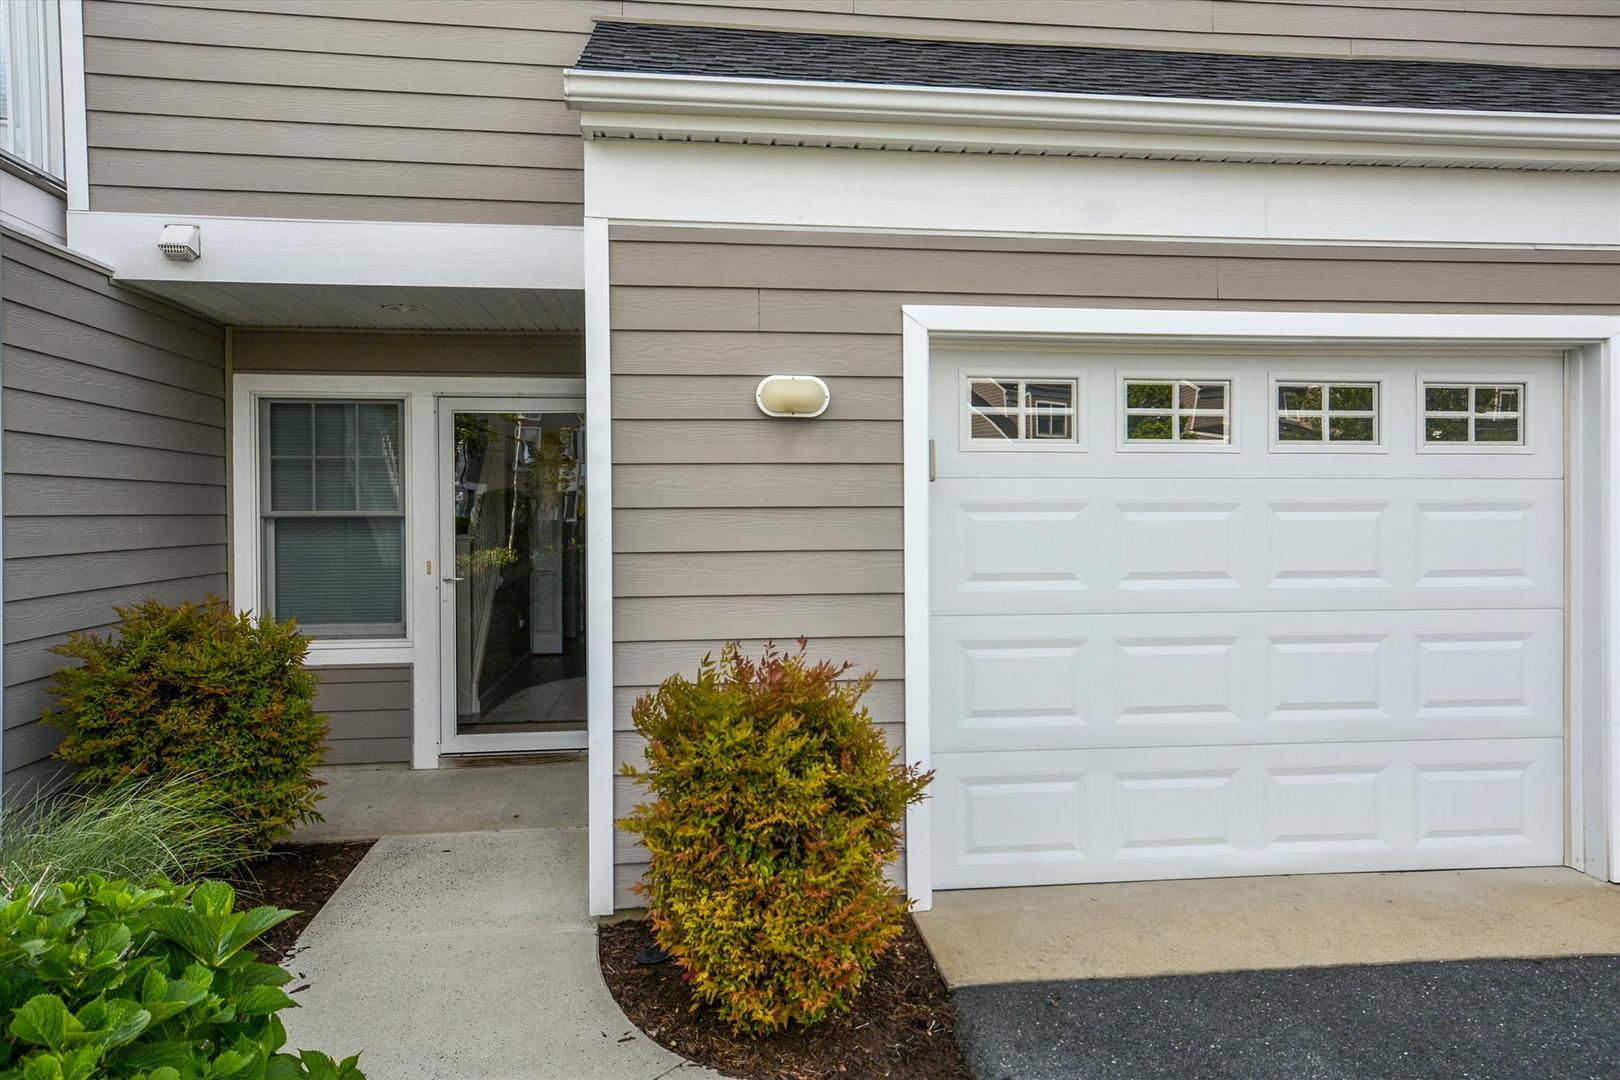 Bayville Shores 1169 - Entry